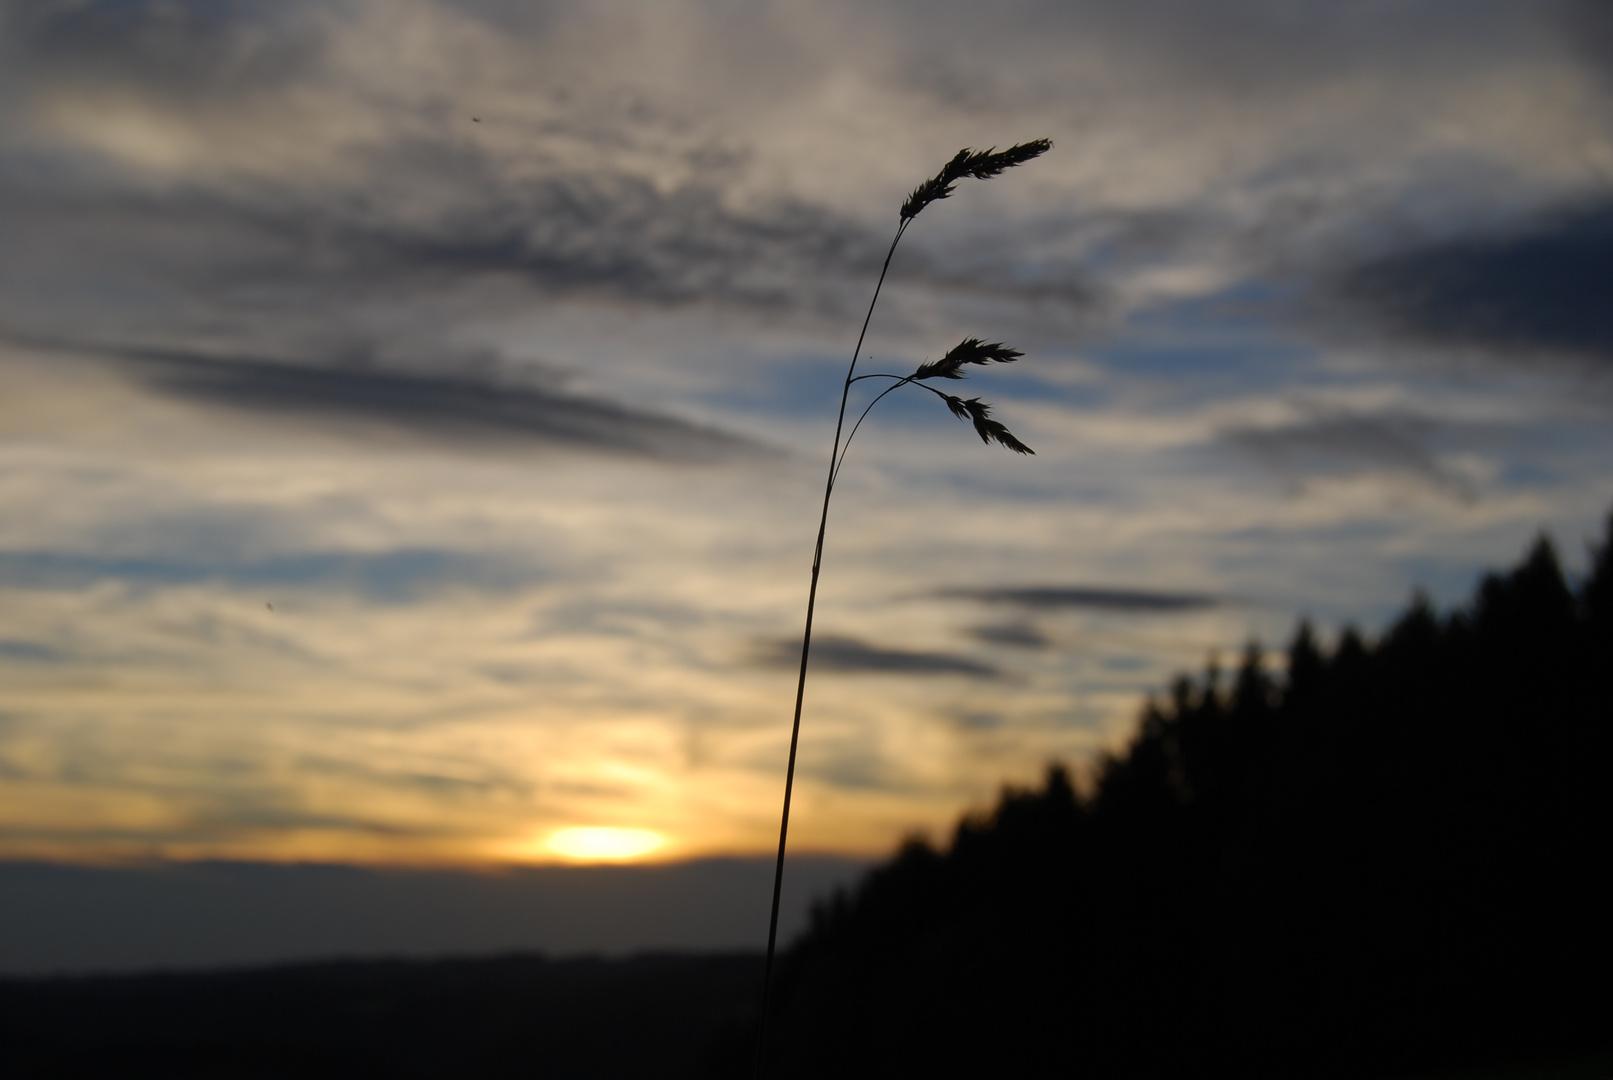 Wildgrashalm mit Sonnenuntergang im Hintergrund